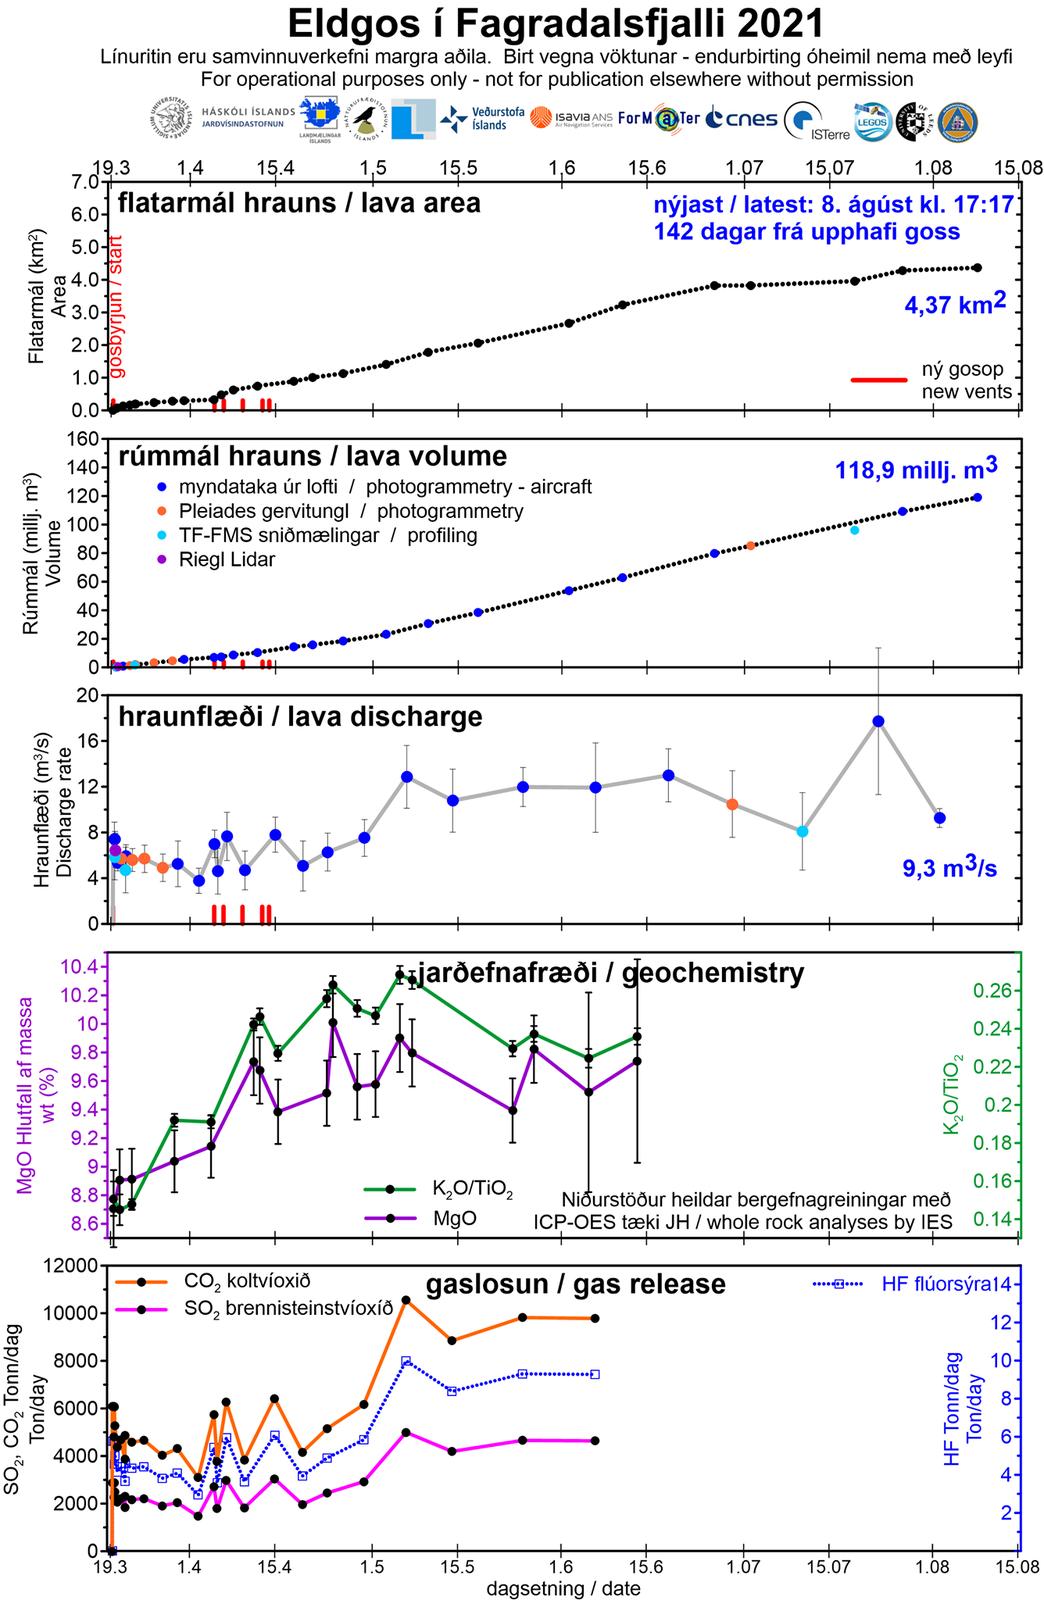 Fagradalsfjall éruption - les paramètres au 08.08.2021 ( surface du champ de lave , voume de lave émis, décharge, géochimie et gaz relâchés) - Doc. Jardvis